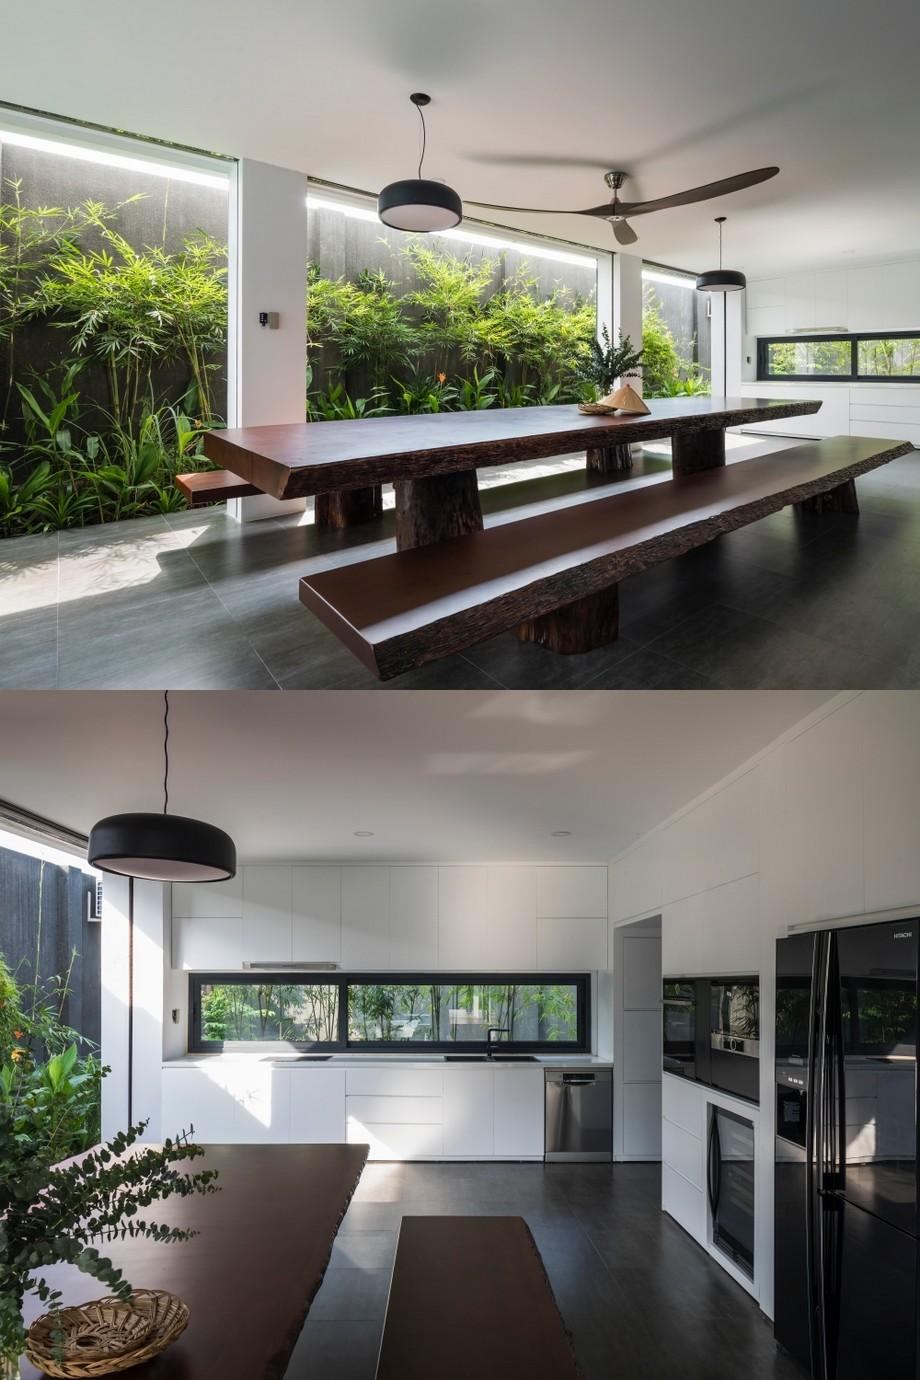 Thiết kế phòng bếp, phòng ăn mở ra không gian xanh